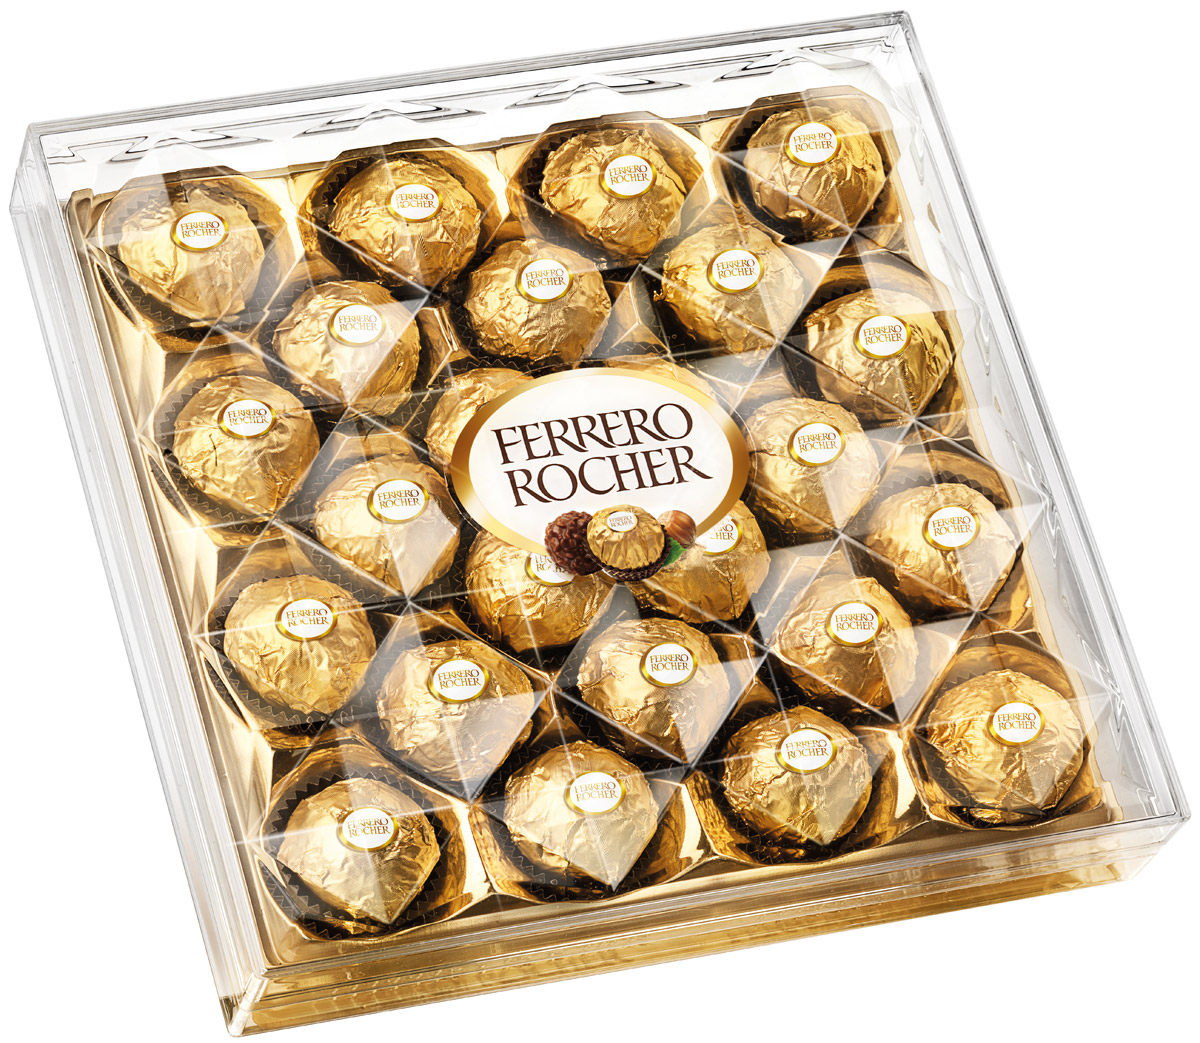 Ferrero Rocher конфеты хрустящие из молочного шоколада, покрытые измельченными орешками, с начинкой из крема и лесного ореха, 300 г вода aquakids детская питьевая с рождения голубая 6 шт по 1 5 л